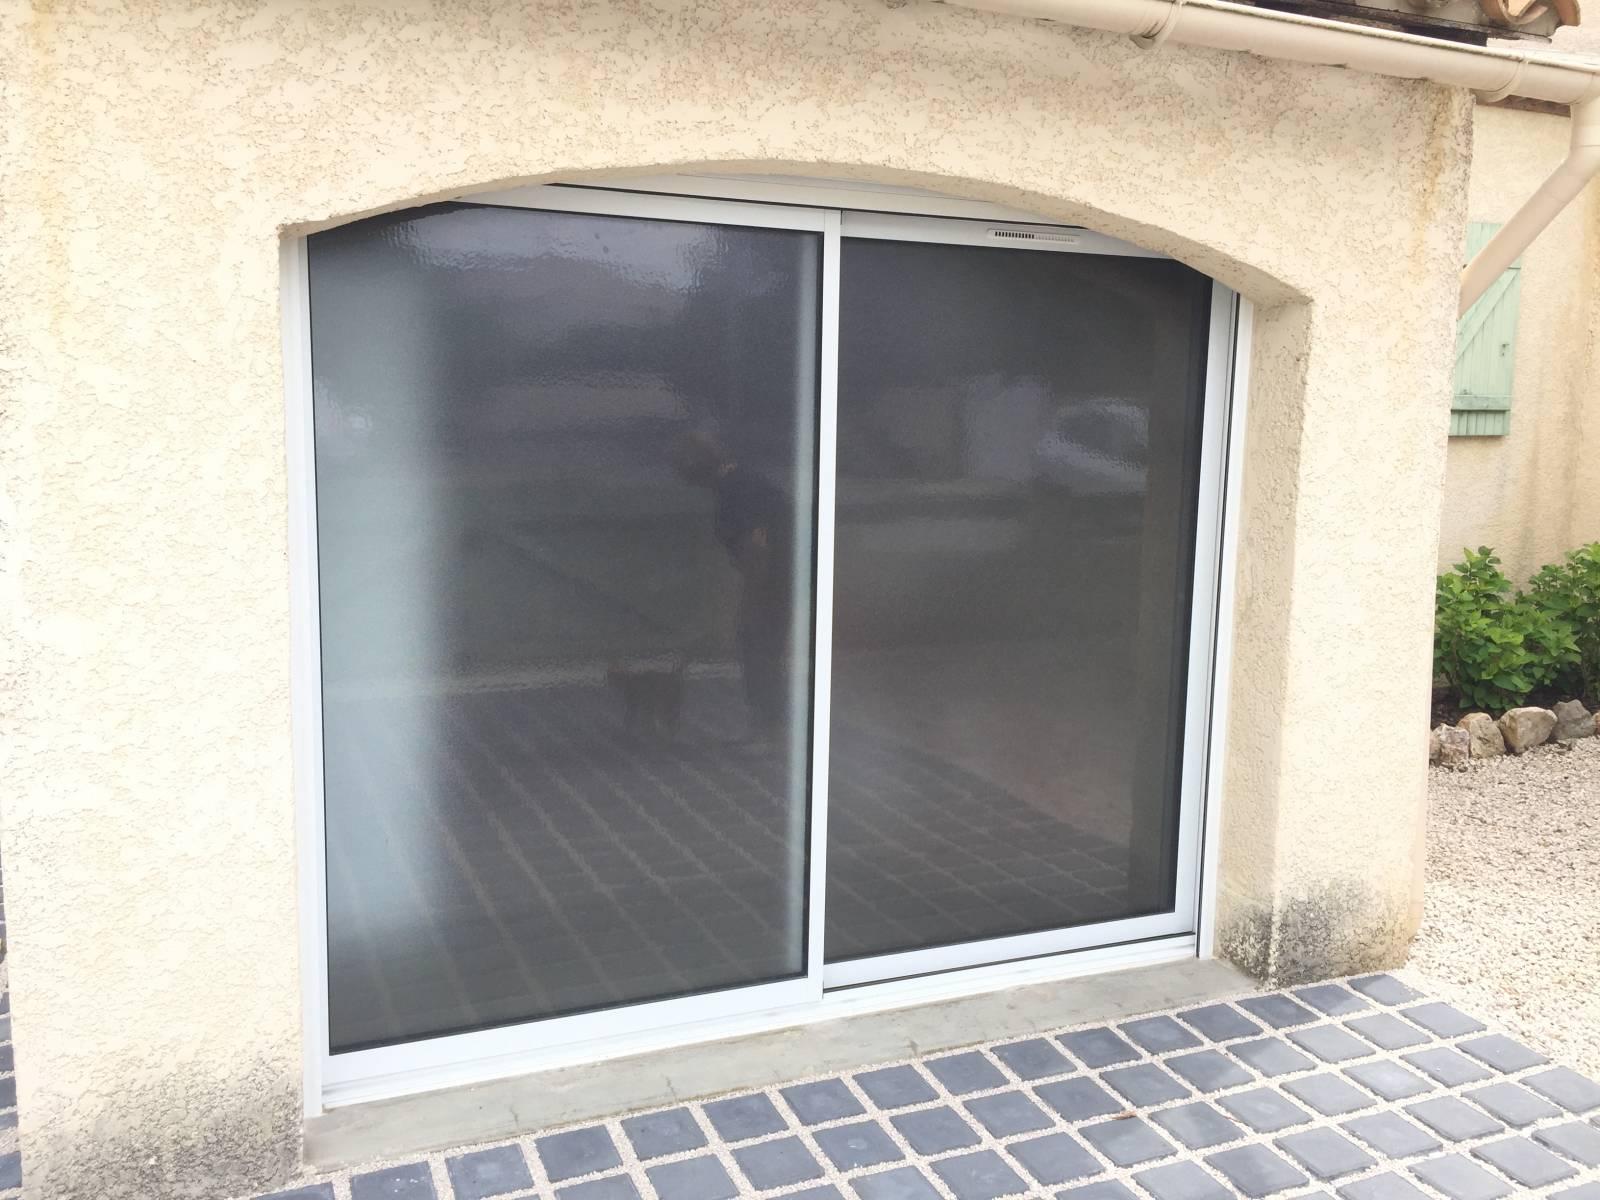 Remplacement d 39 une porte garage par une baie coulissante Remplacer porte de garage par baie vitree